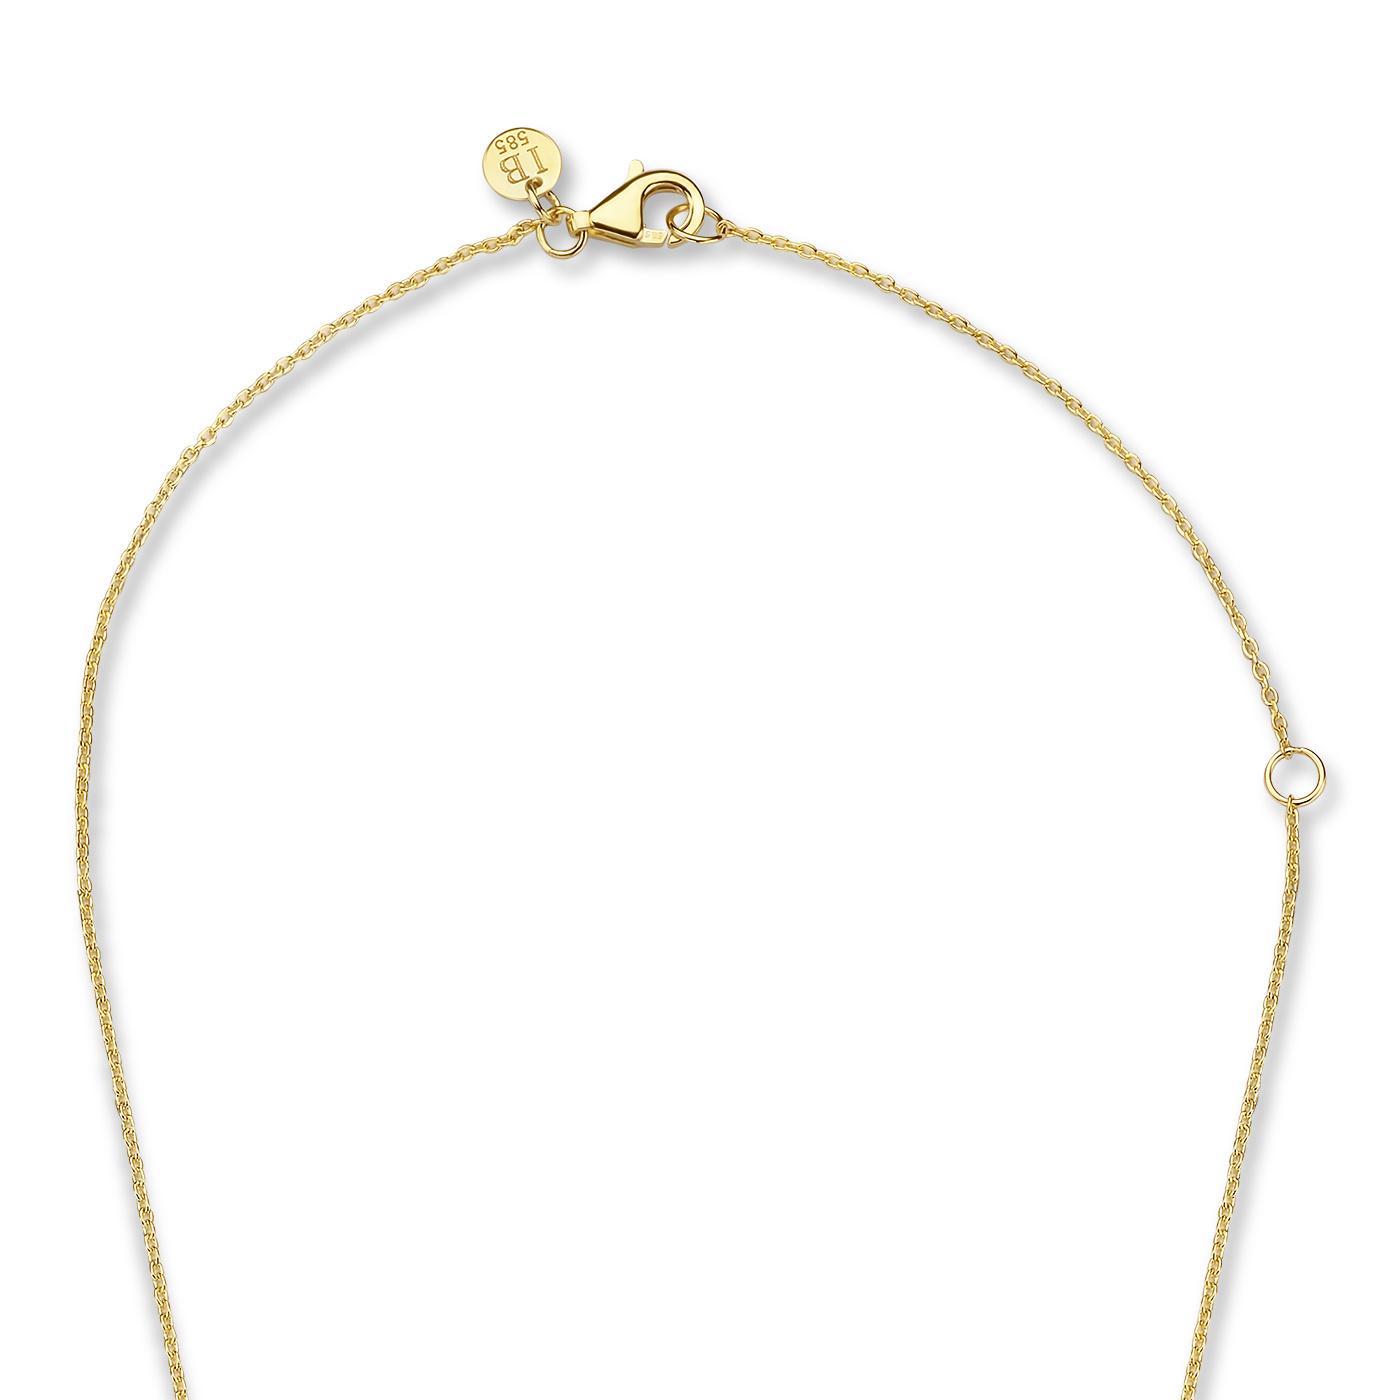 Isabel Bernard Belleville Mila 14 karat gold necklace with freshwater pearl